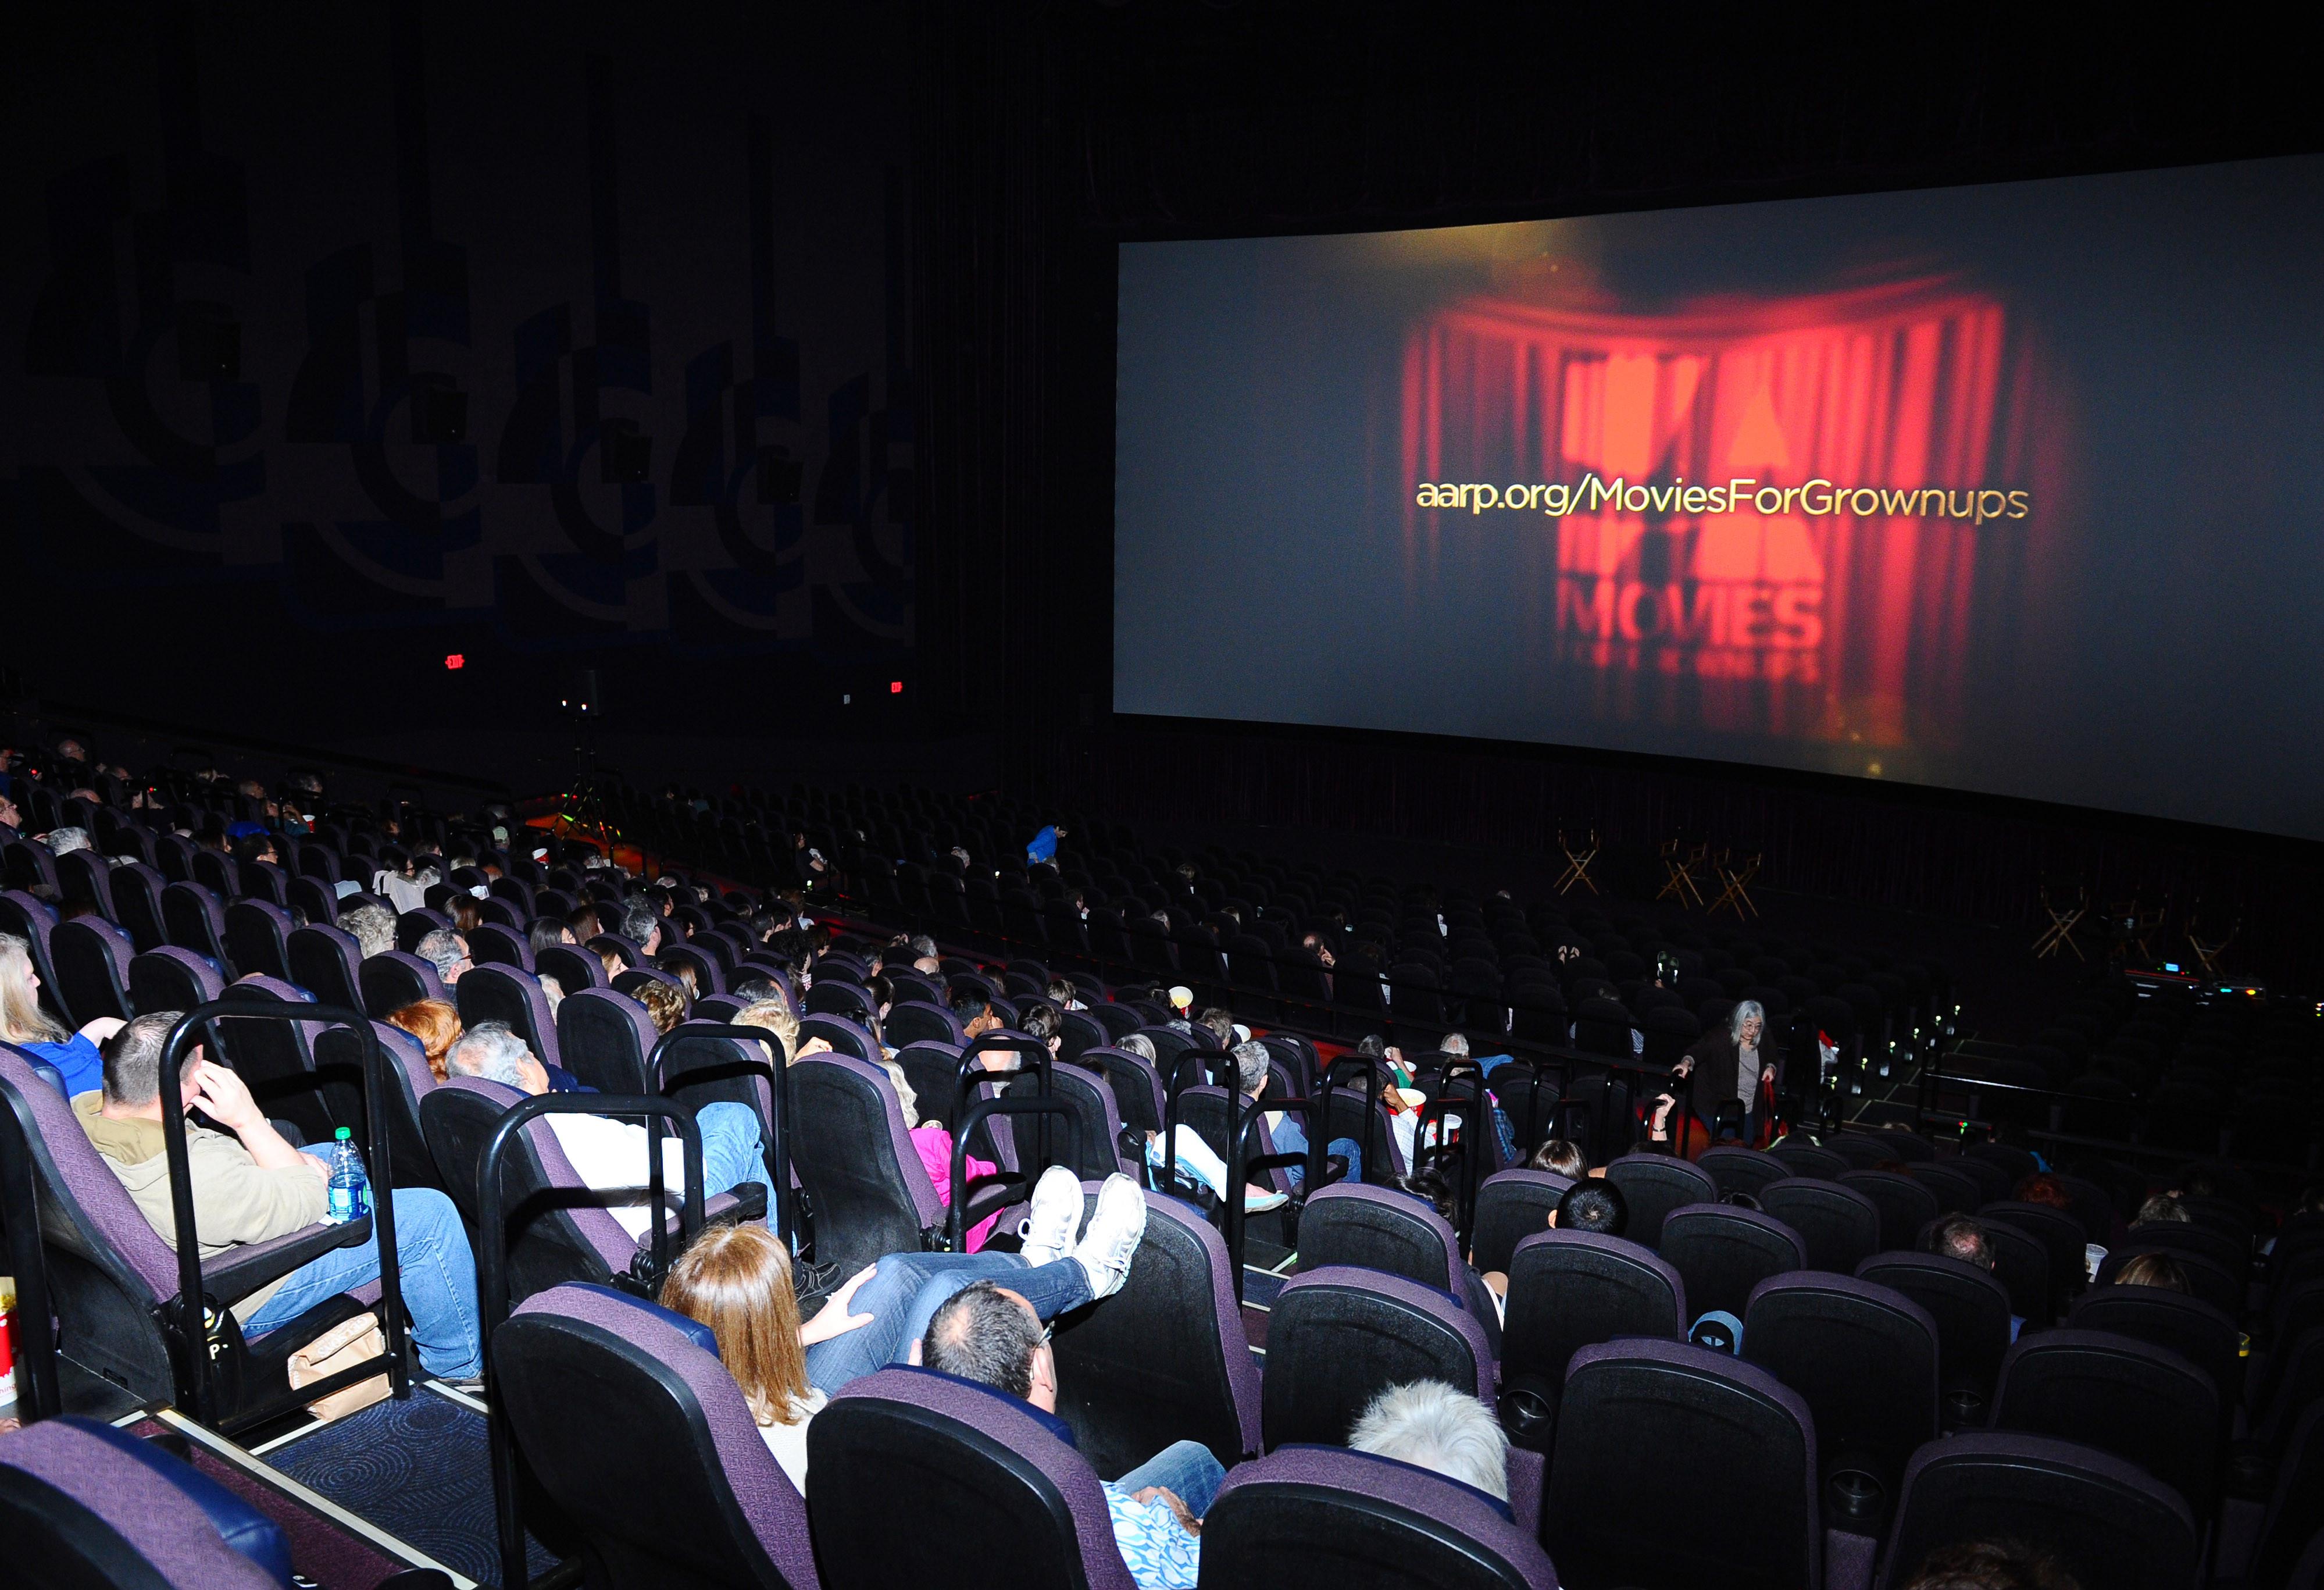 「一个人吃饭看电影错了吗」 台北独立妹:老被店员当异类